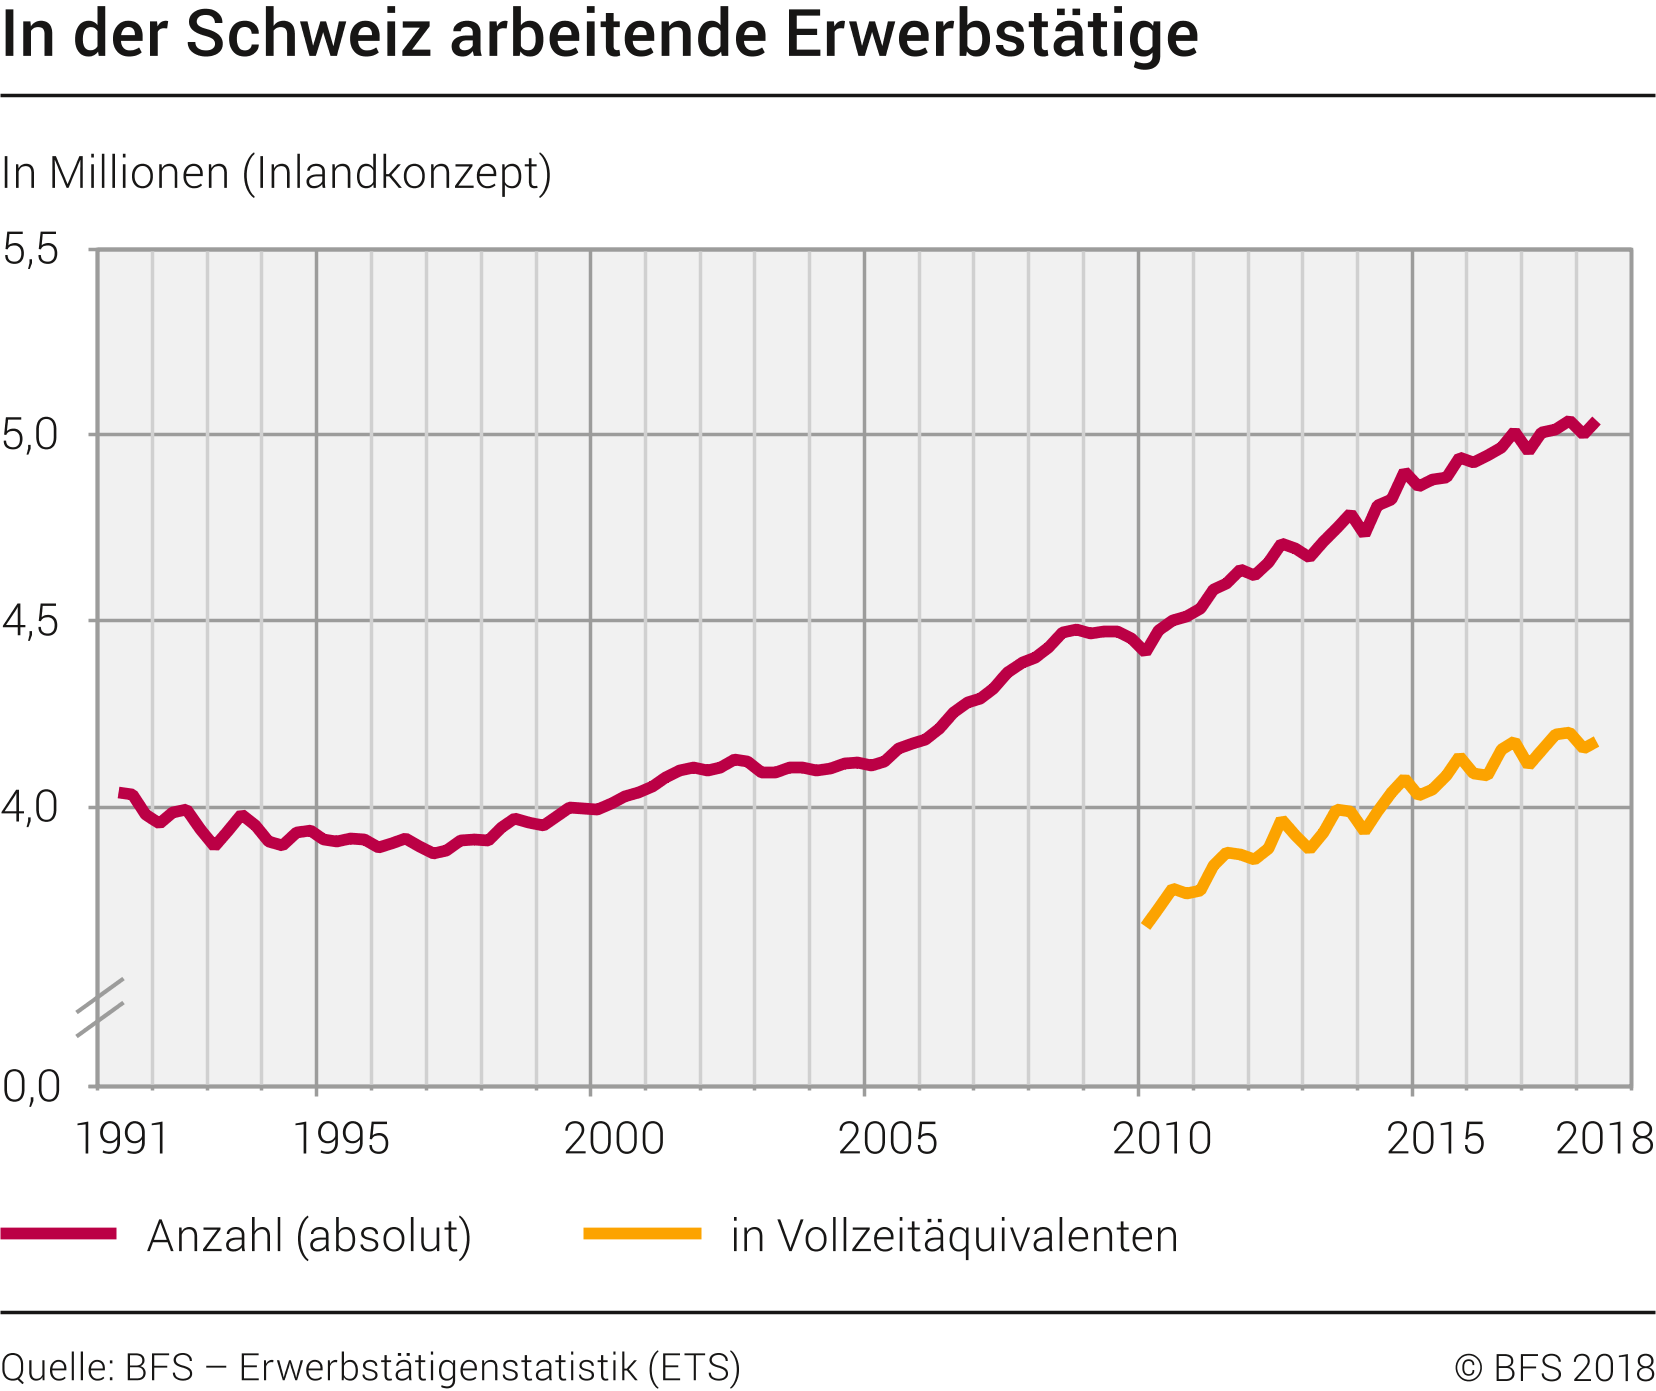 Erwerbstätige in der Schweiz, der Konkurrenzkampf nimmt zu